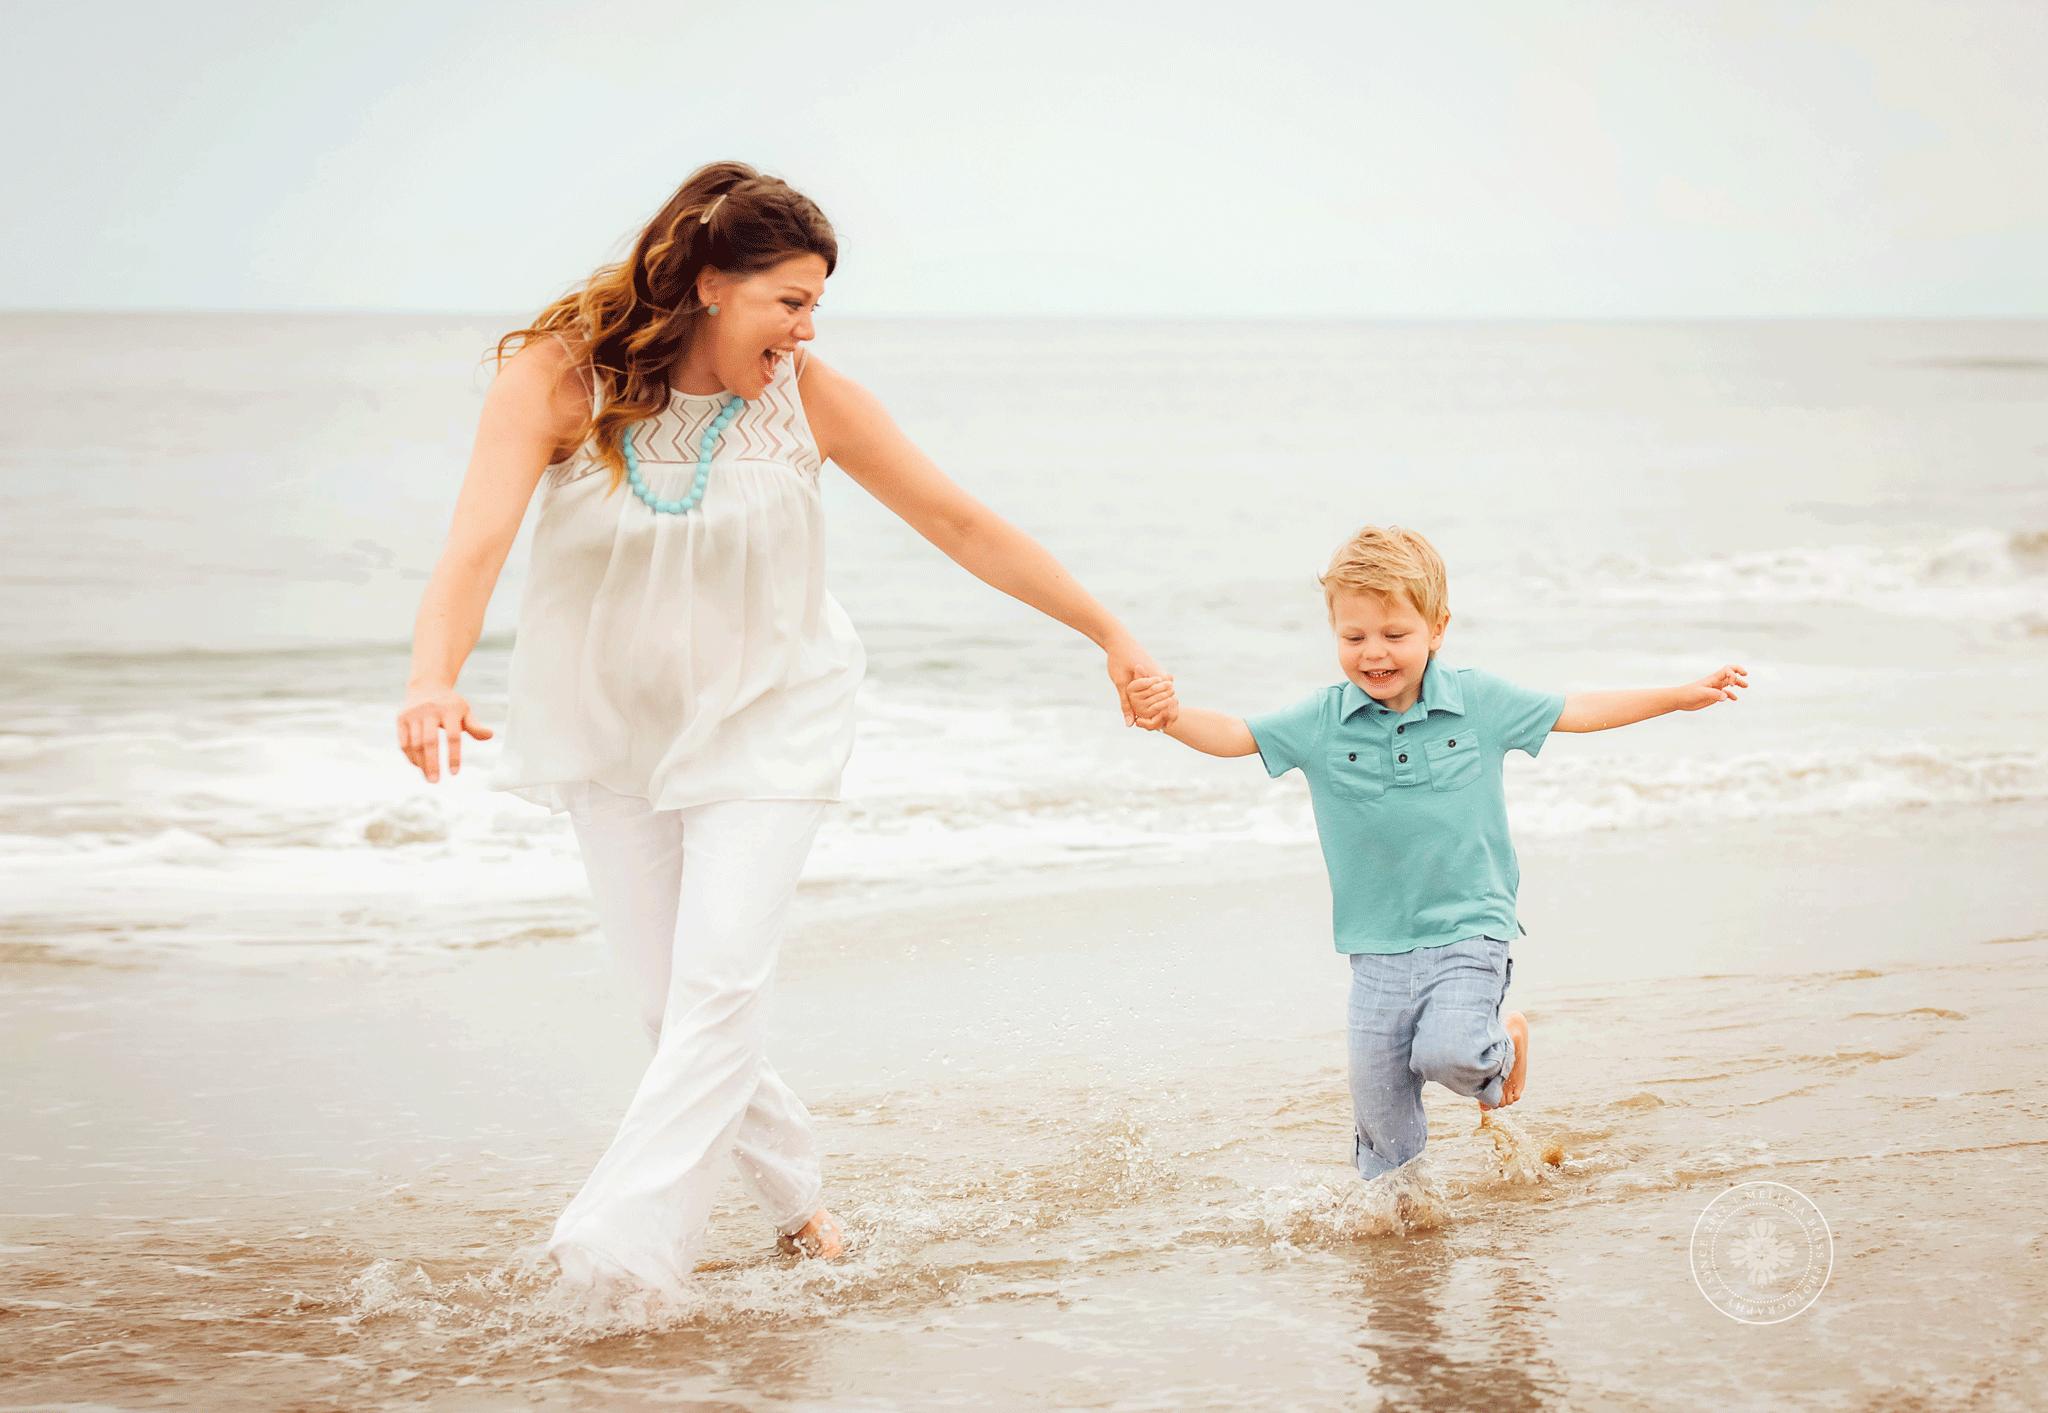 sandbridge-beach-family-photographers-melissa-bliss-photography-virginia-beach-mother-son-on-beach-photographer-1.png